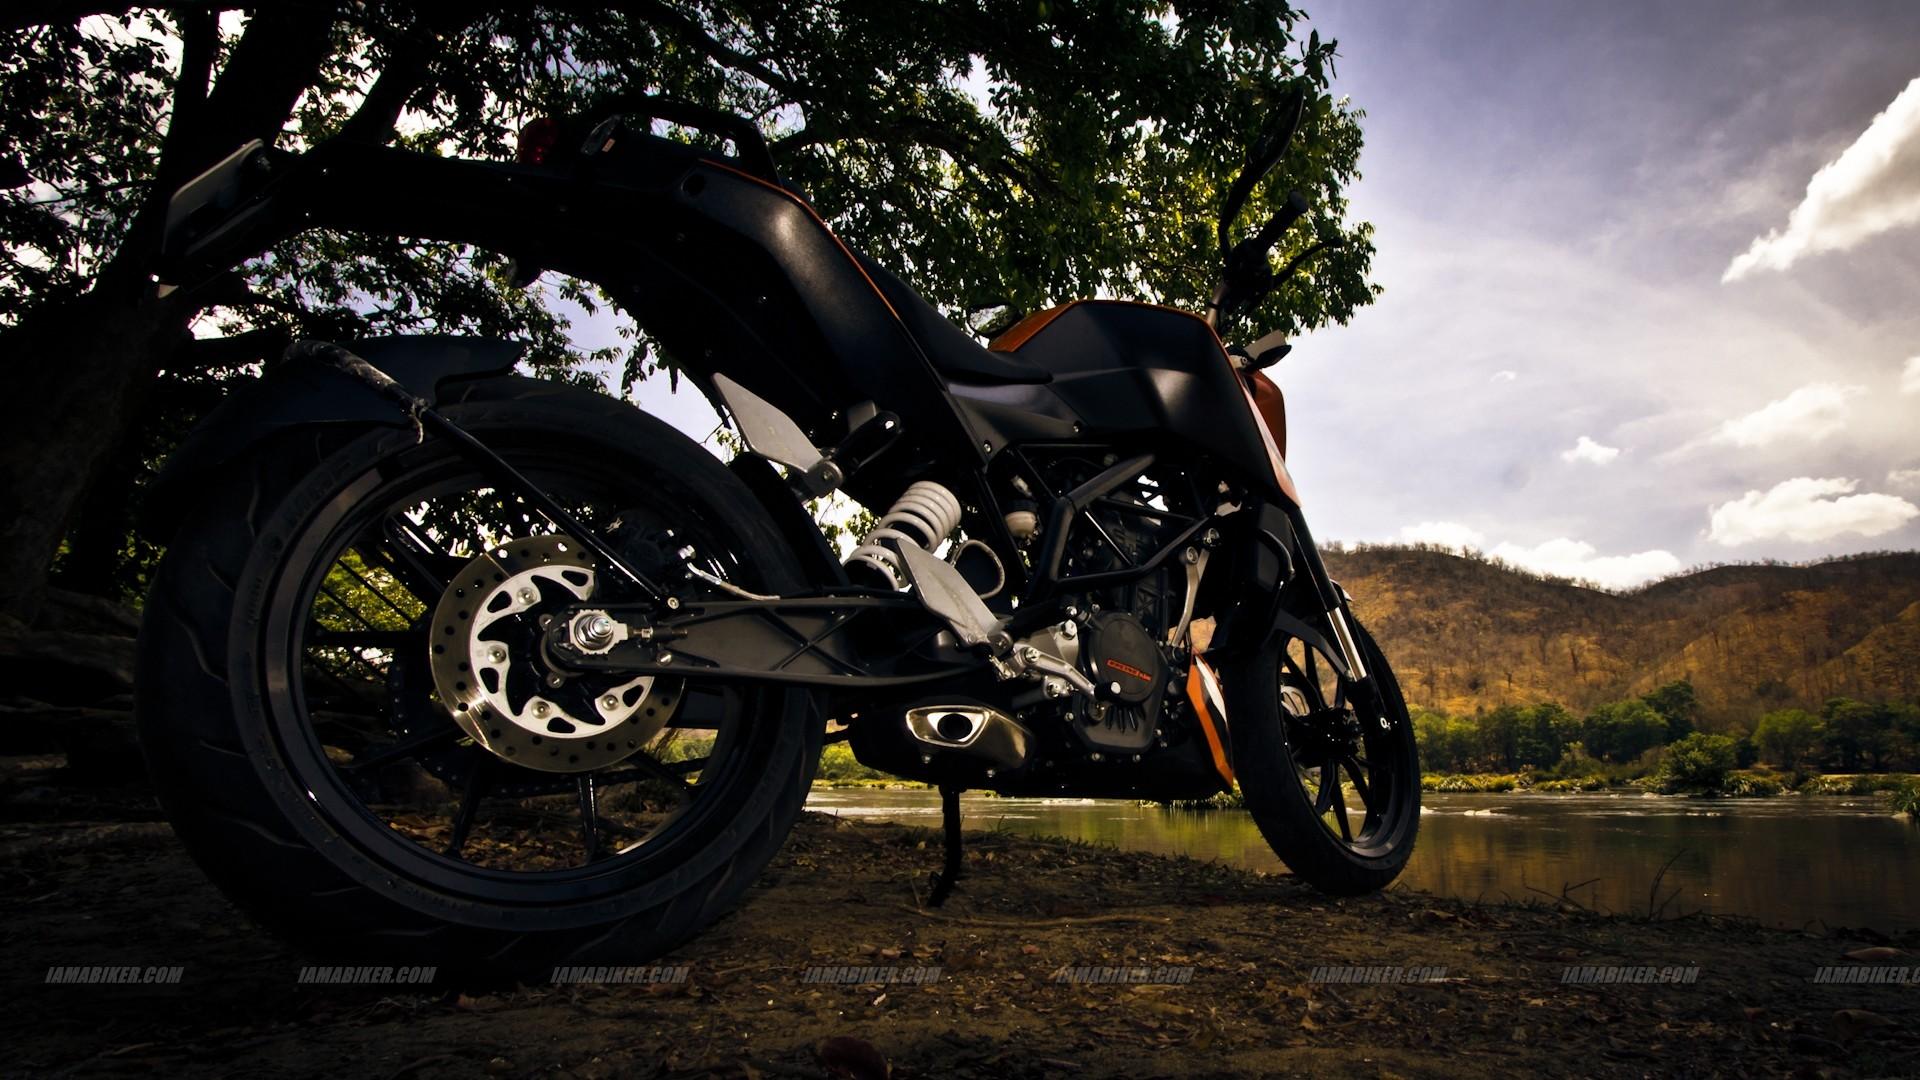 KTM Duke 200 wallpaper – Click for high resolution